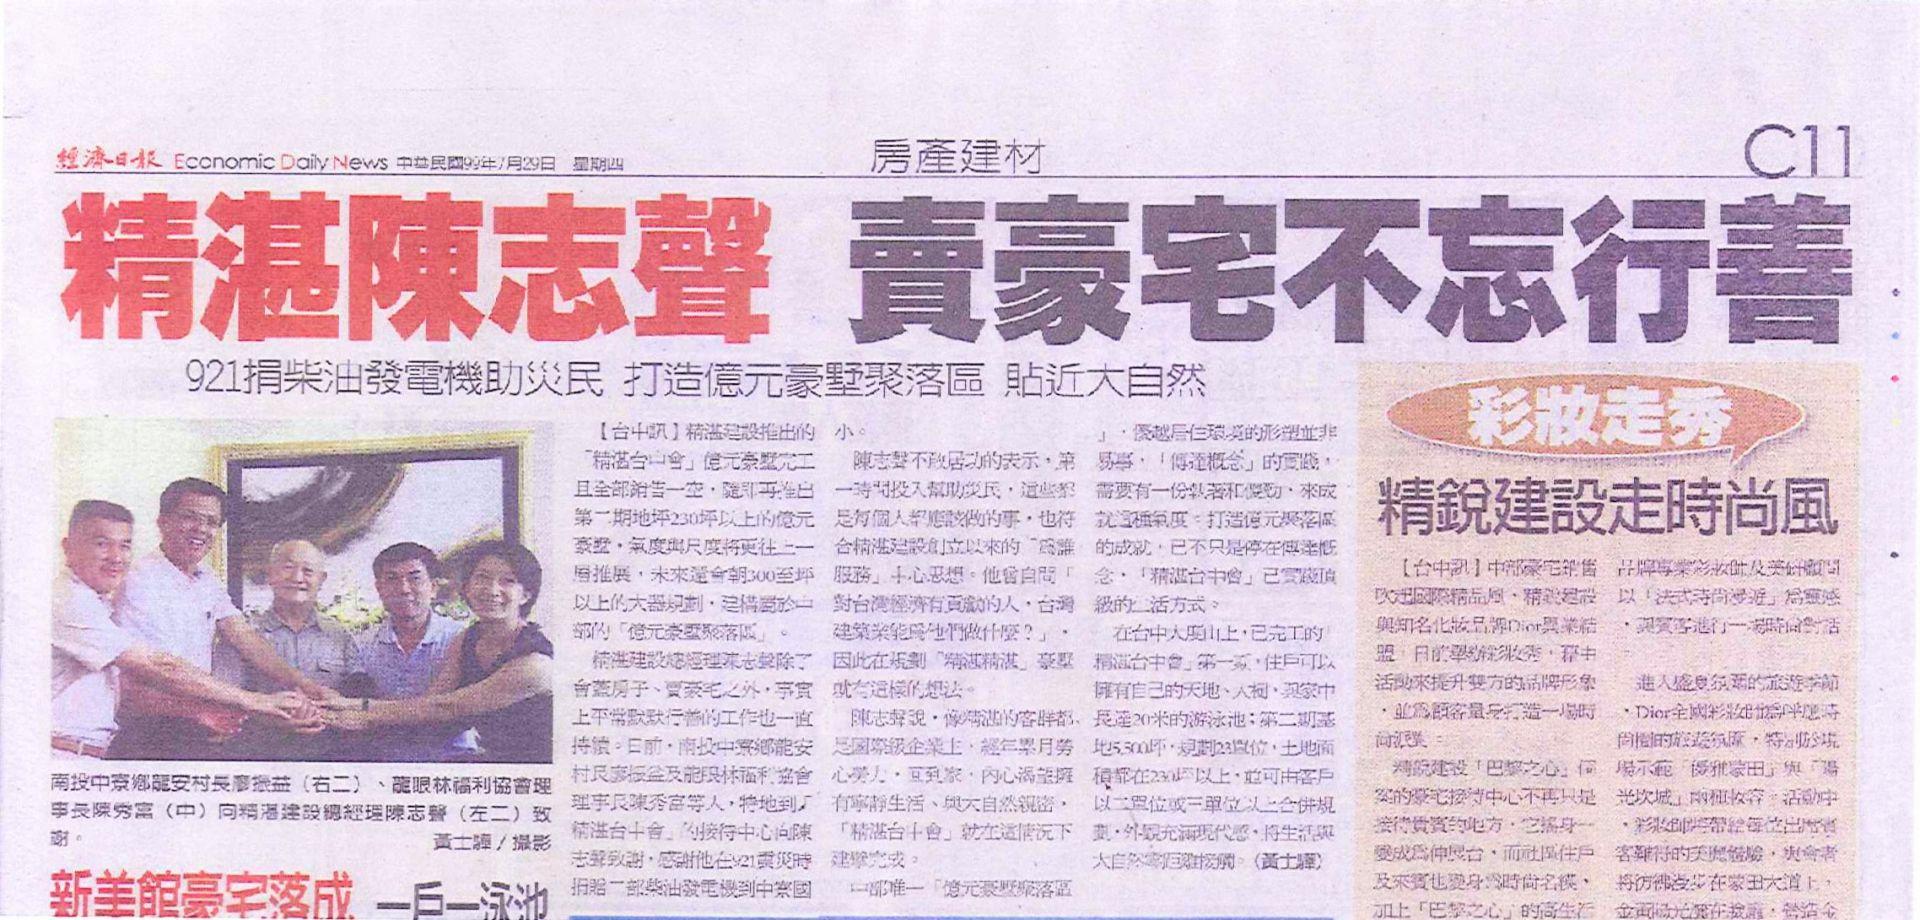 20100729 經濟日報_精湛陳志聲 賣豪宅不忘行善 921捐柴油發電機助災民